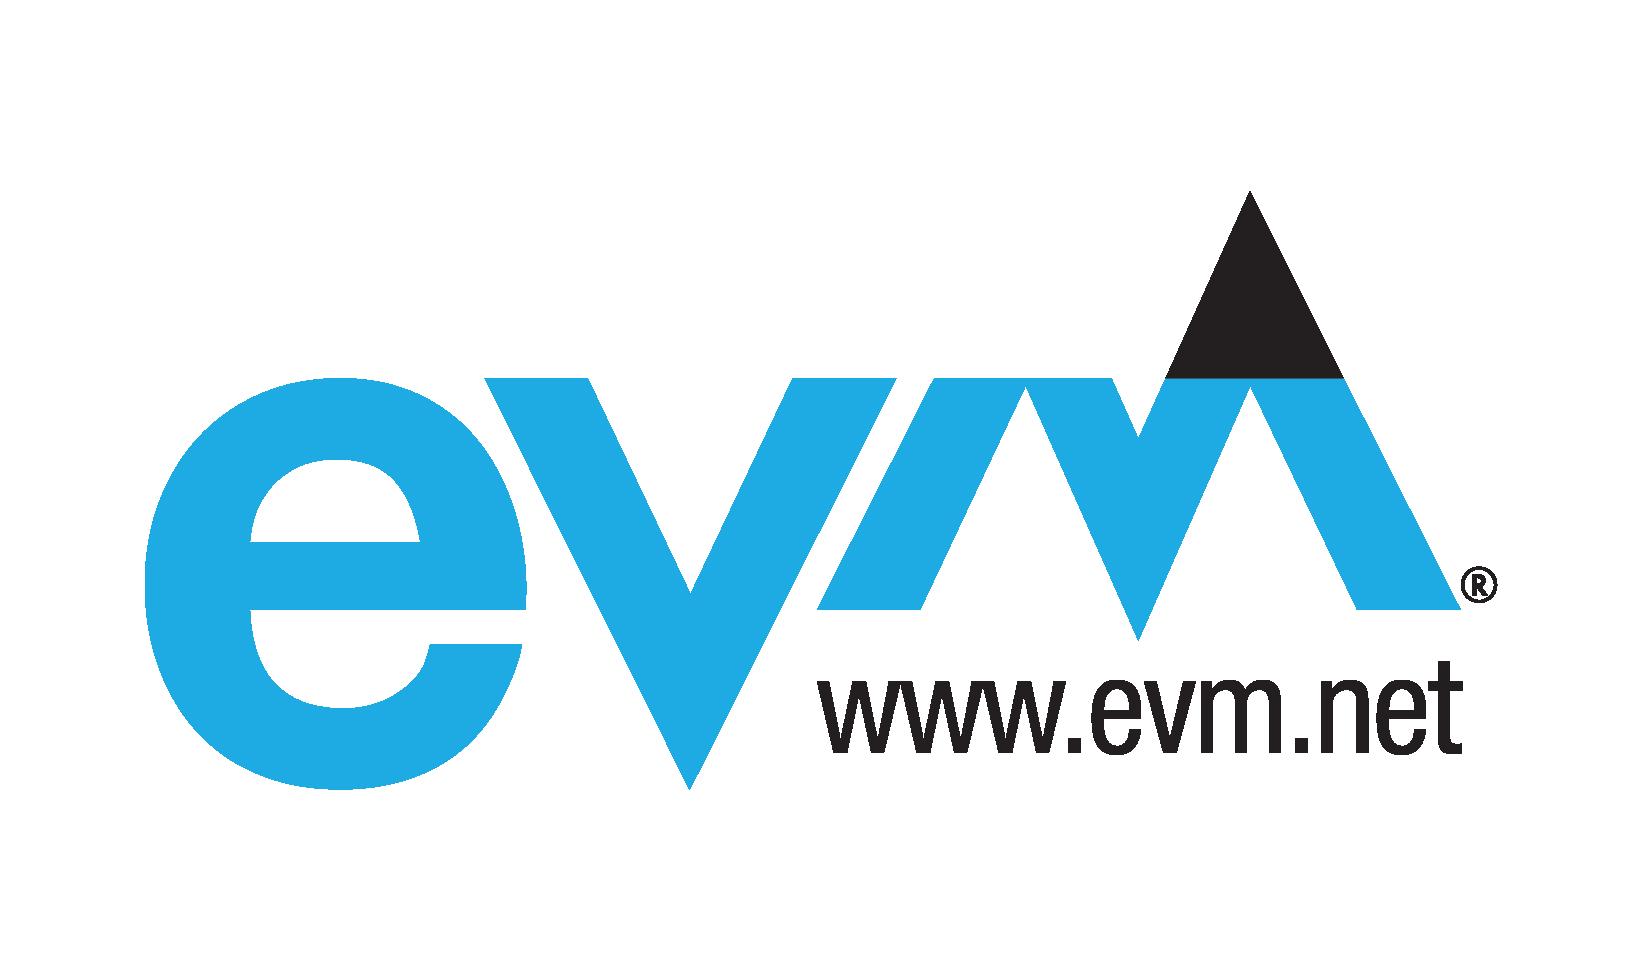 Logo EVM evmnet